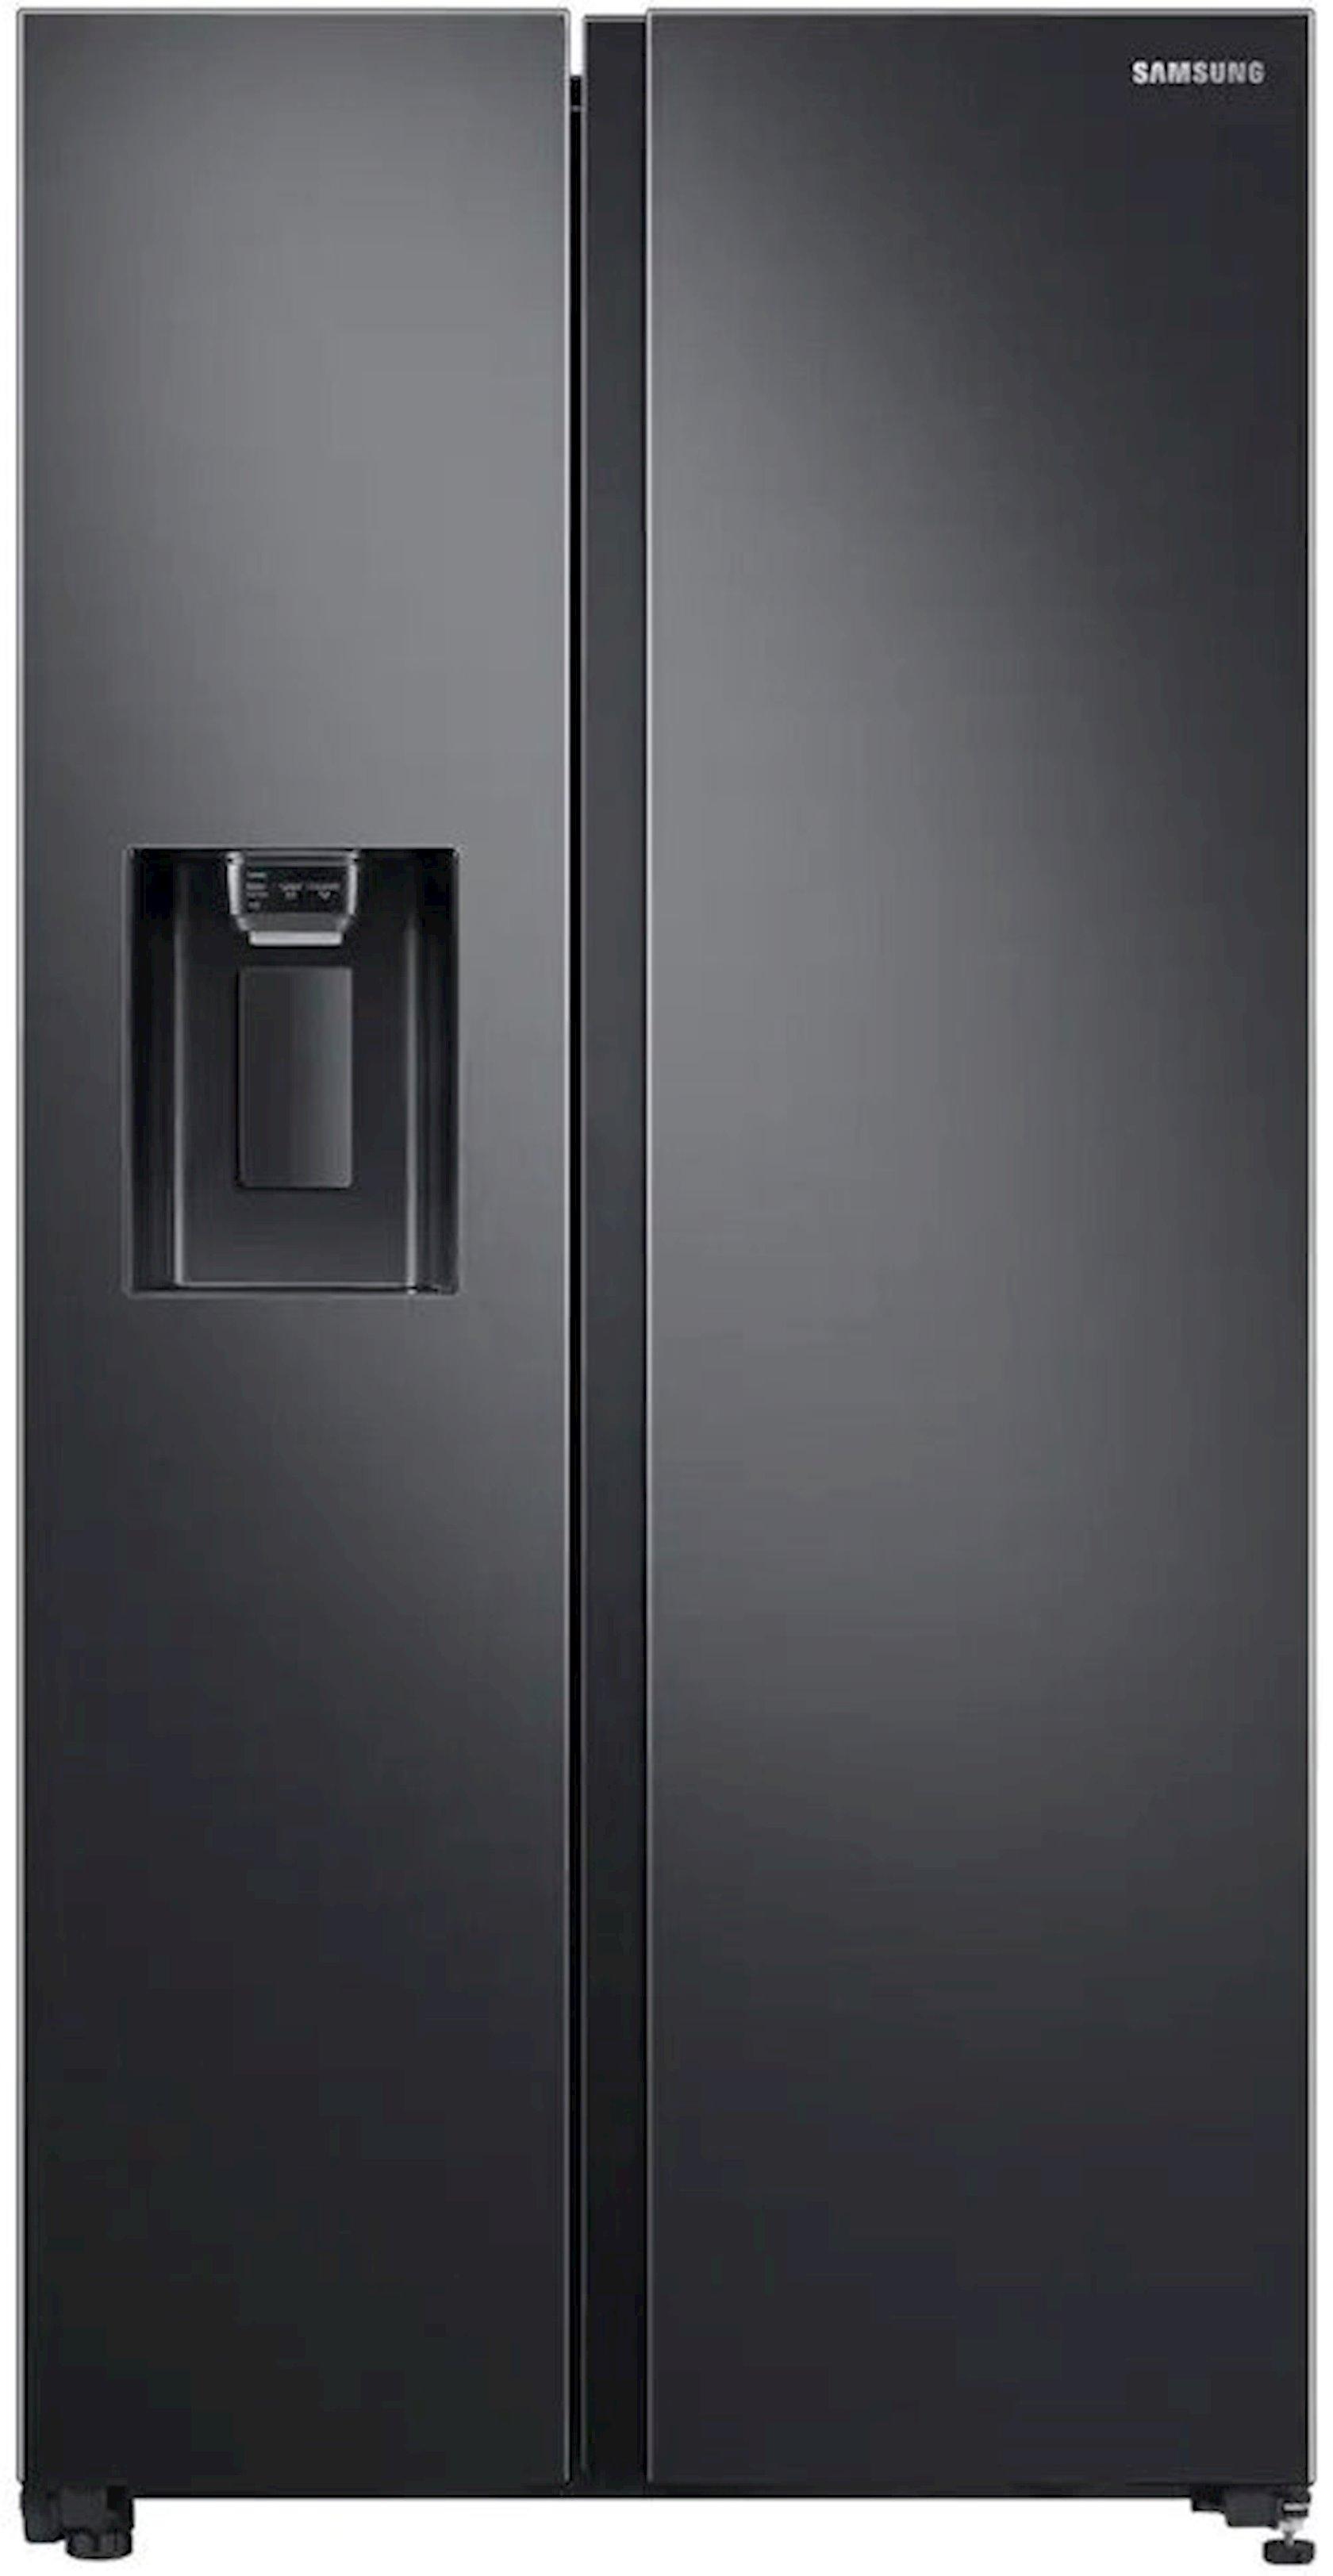 Soyuducu Samsung RS64R5331B4/WT Black